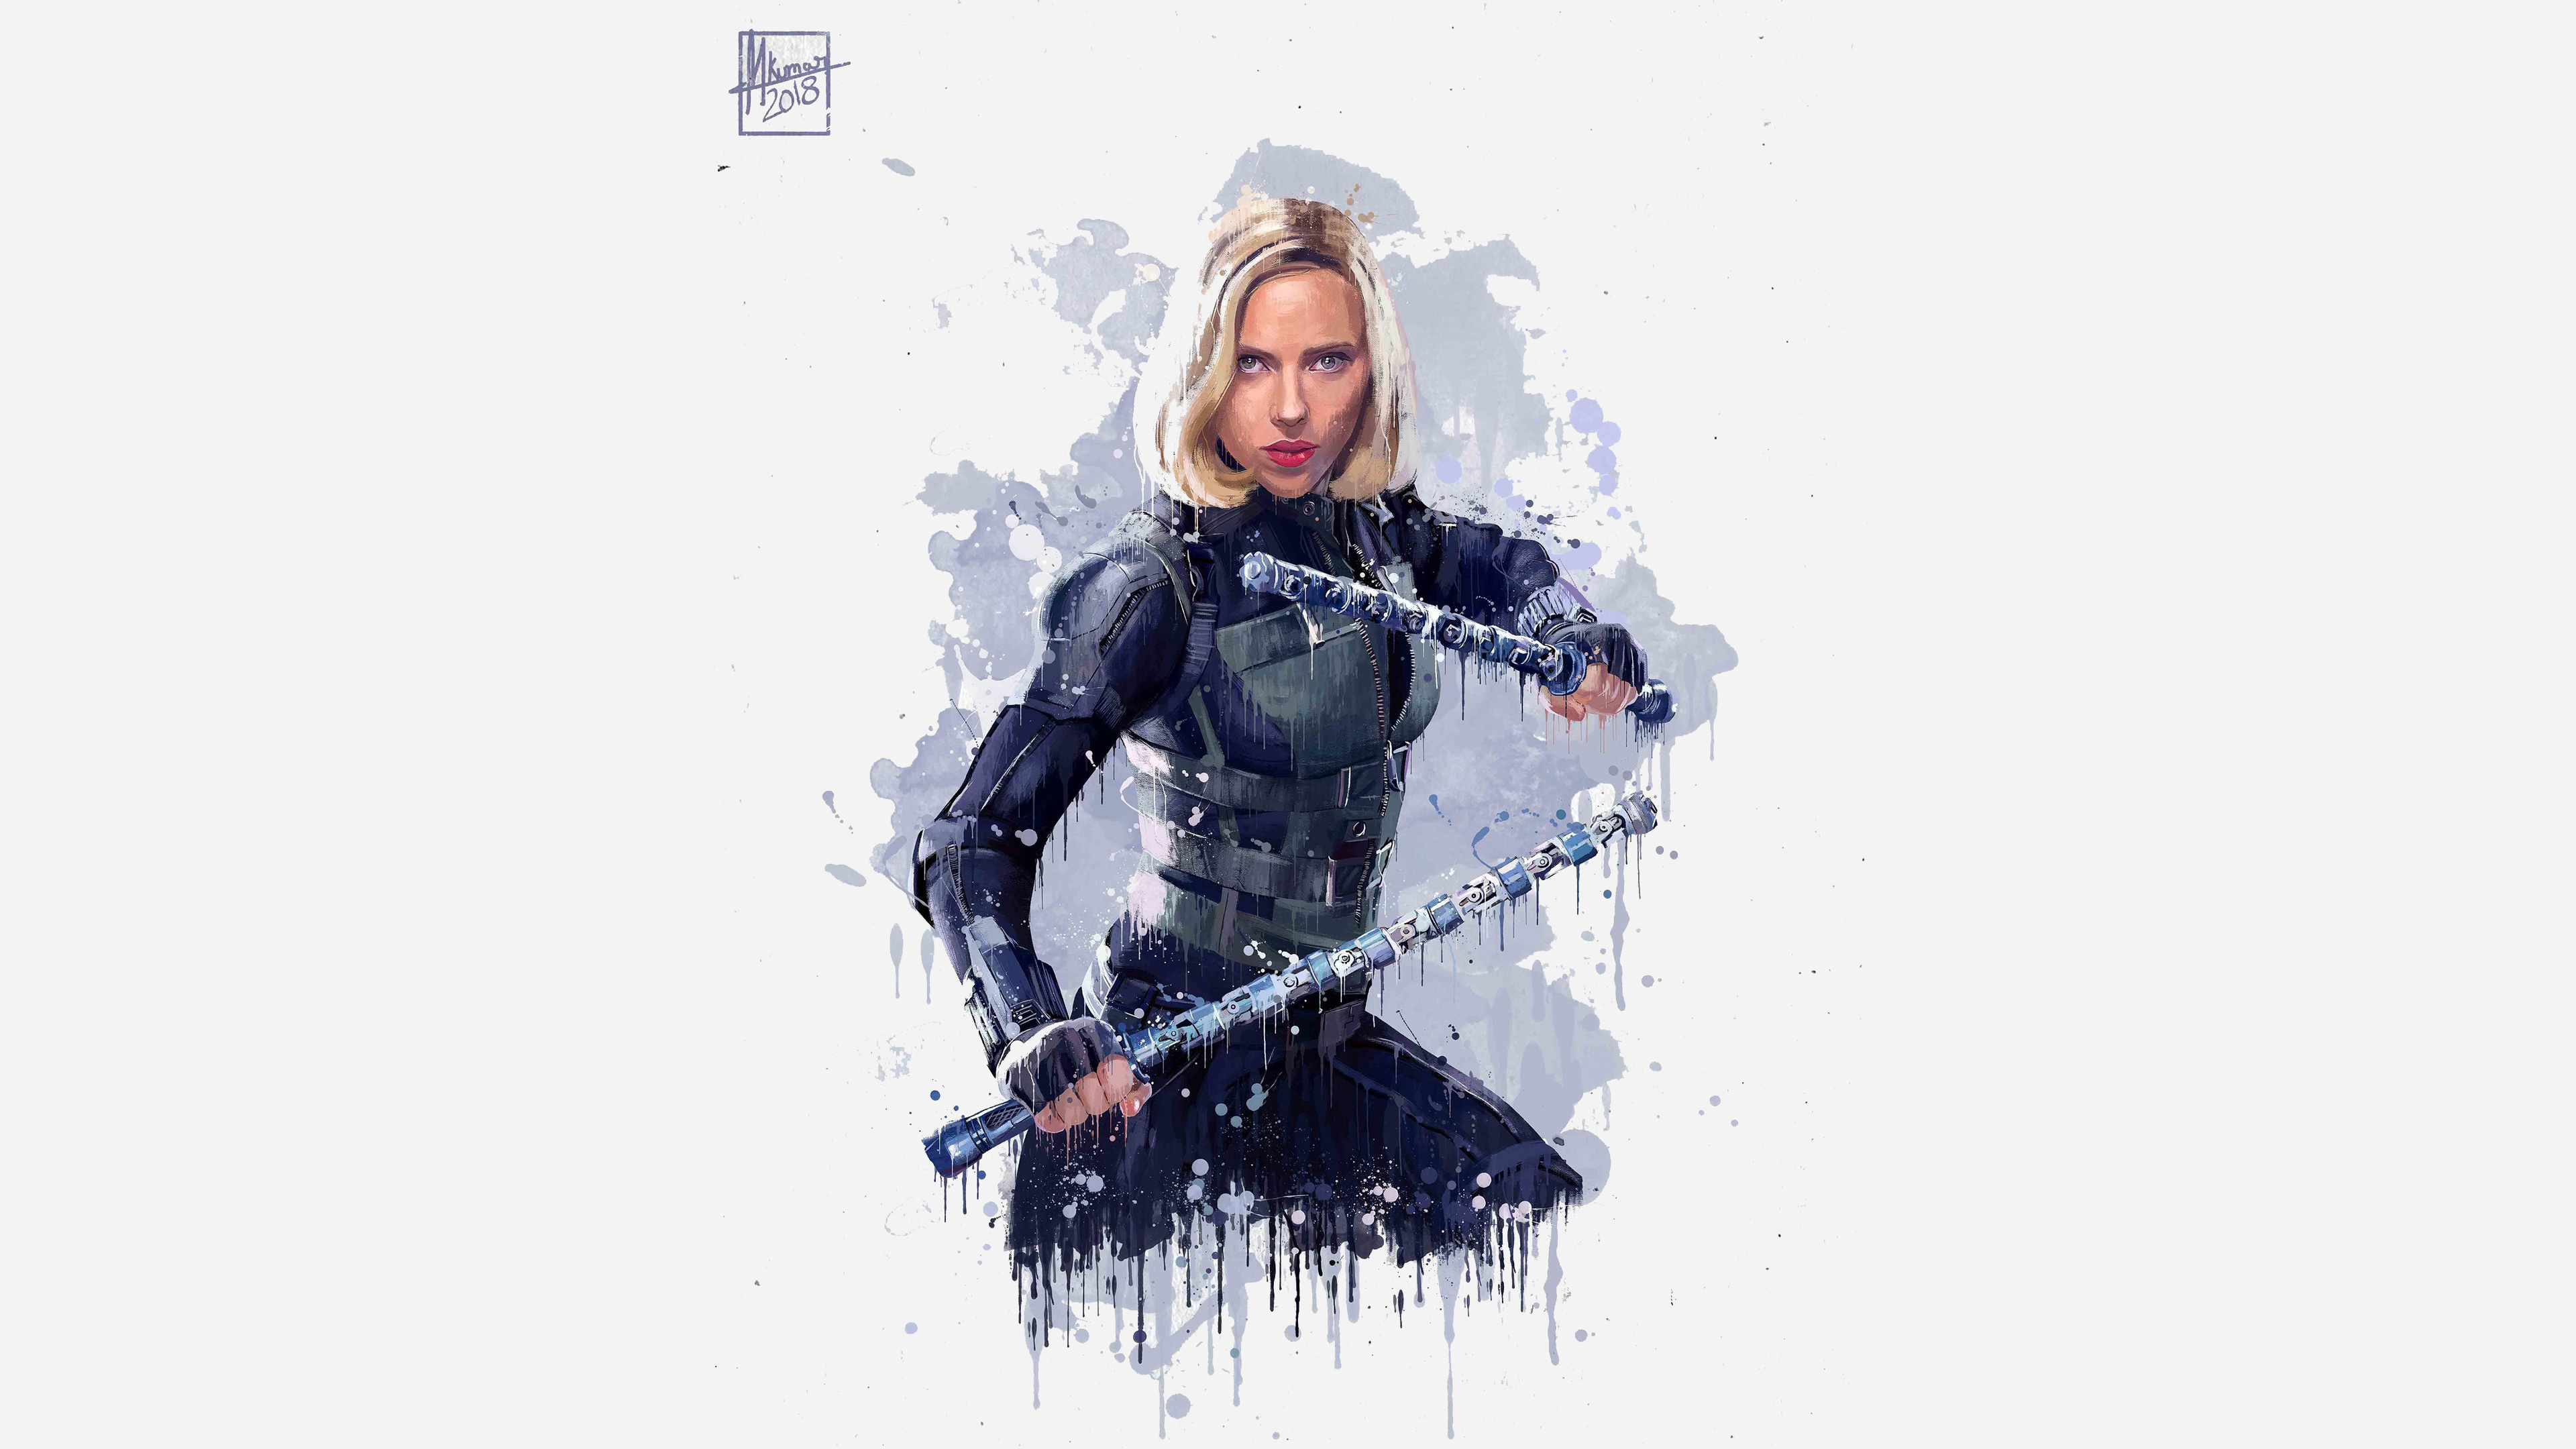 Black Widow In Avengers Infinity War 2018 4k Artwork, HD